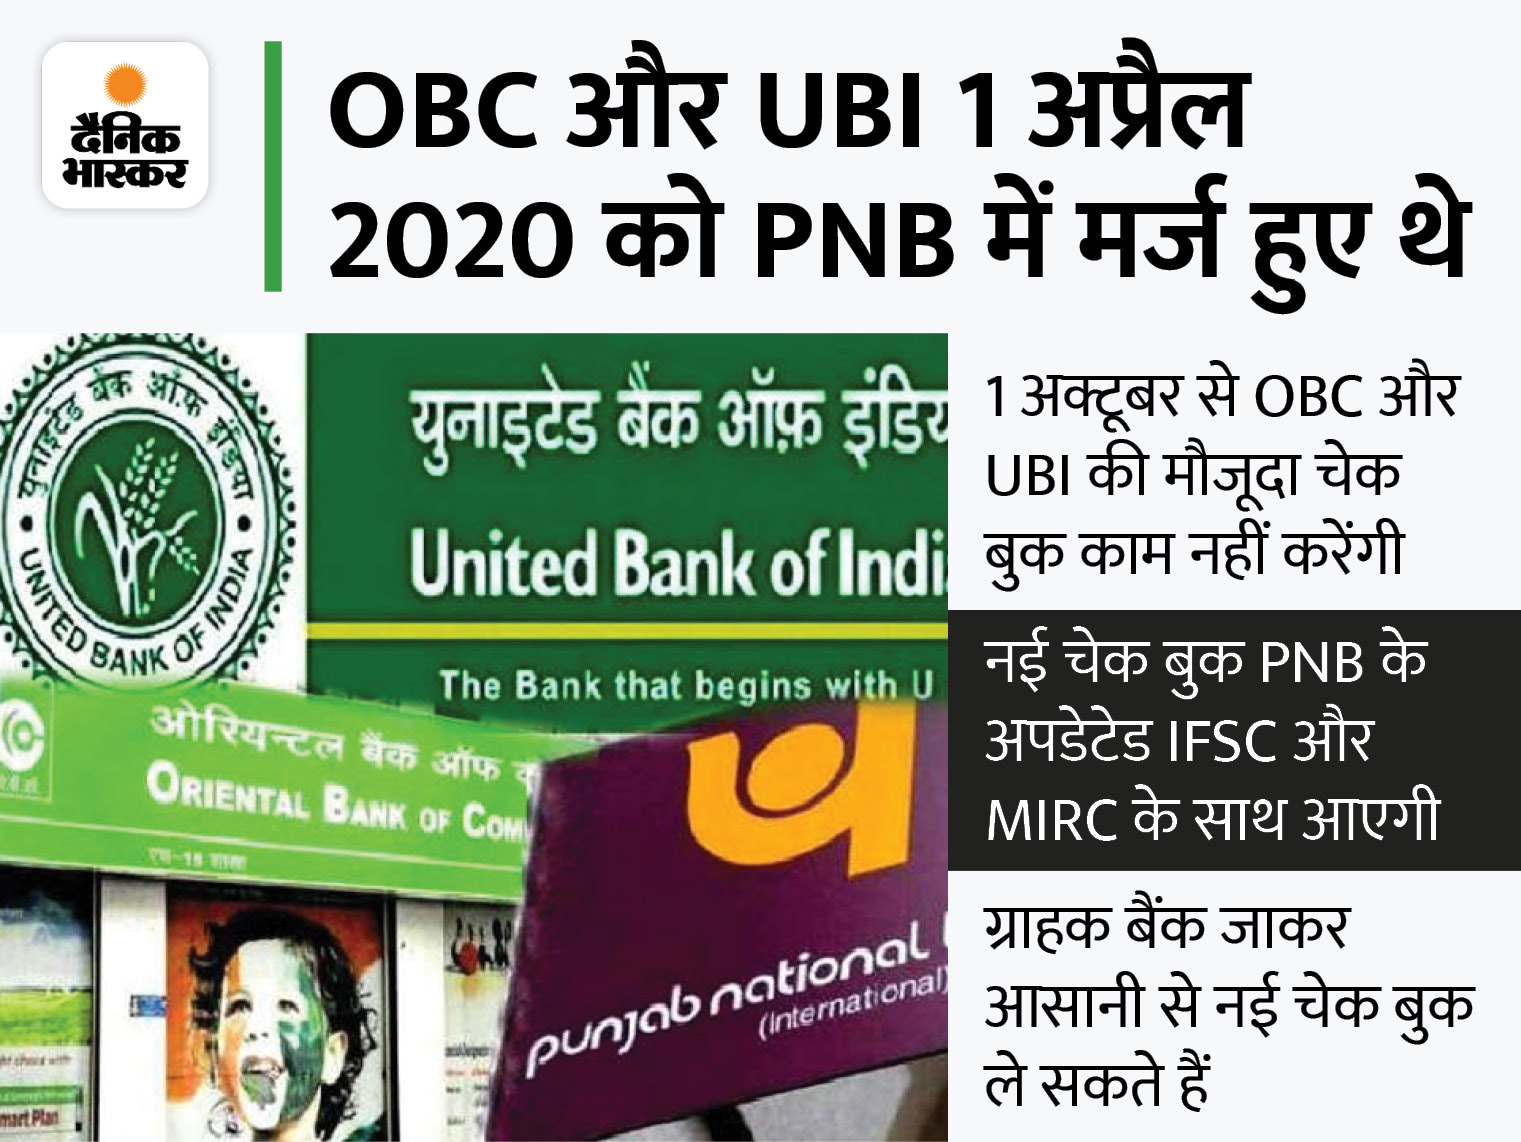 1 अक्टूबर से बंद हो जाएगी पंजाब नेशनल बैंक की पुरानी चेकबुक, परेशानी से बचने के लिए नई के लिए करें अप्लाई|बिजनेस,Business - Dainik Bhaskar